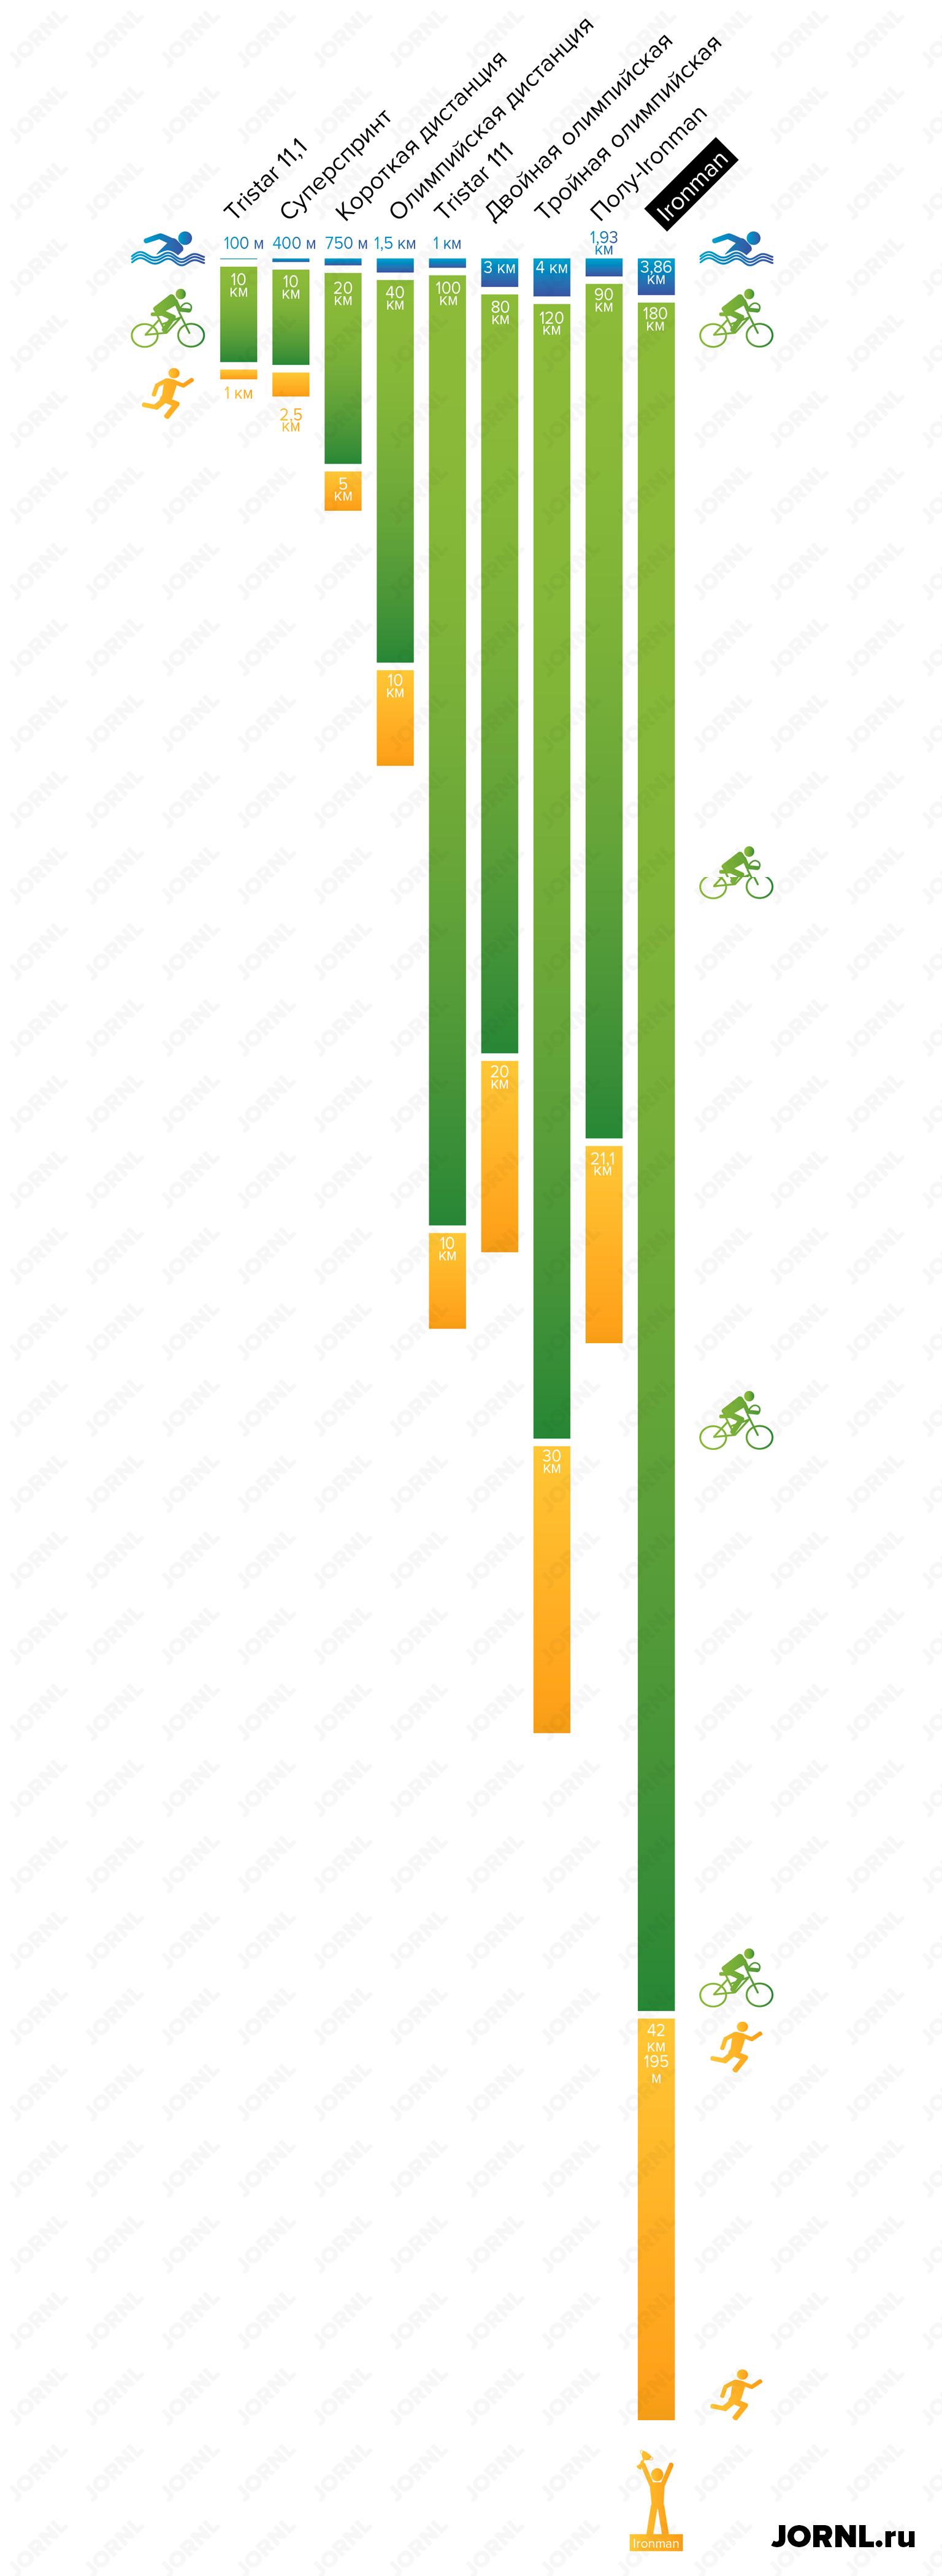 дистанции триатлона, инфографика jornl.ru